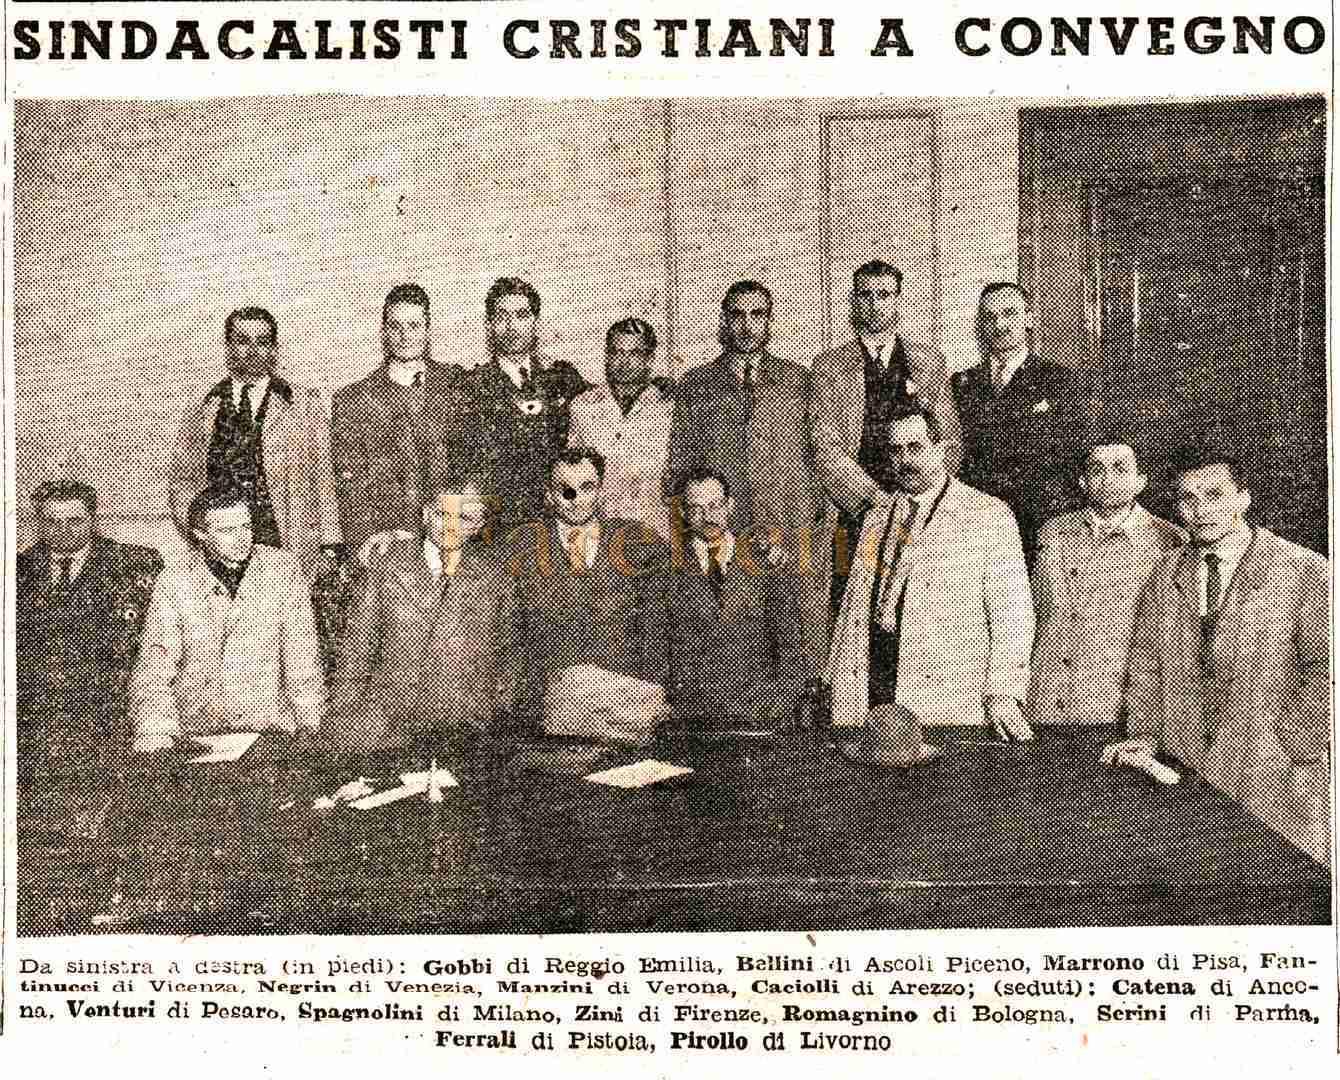 sindacalisti-cristiani